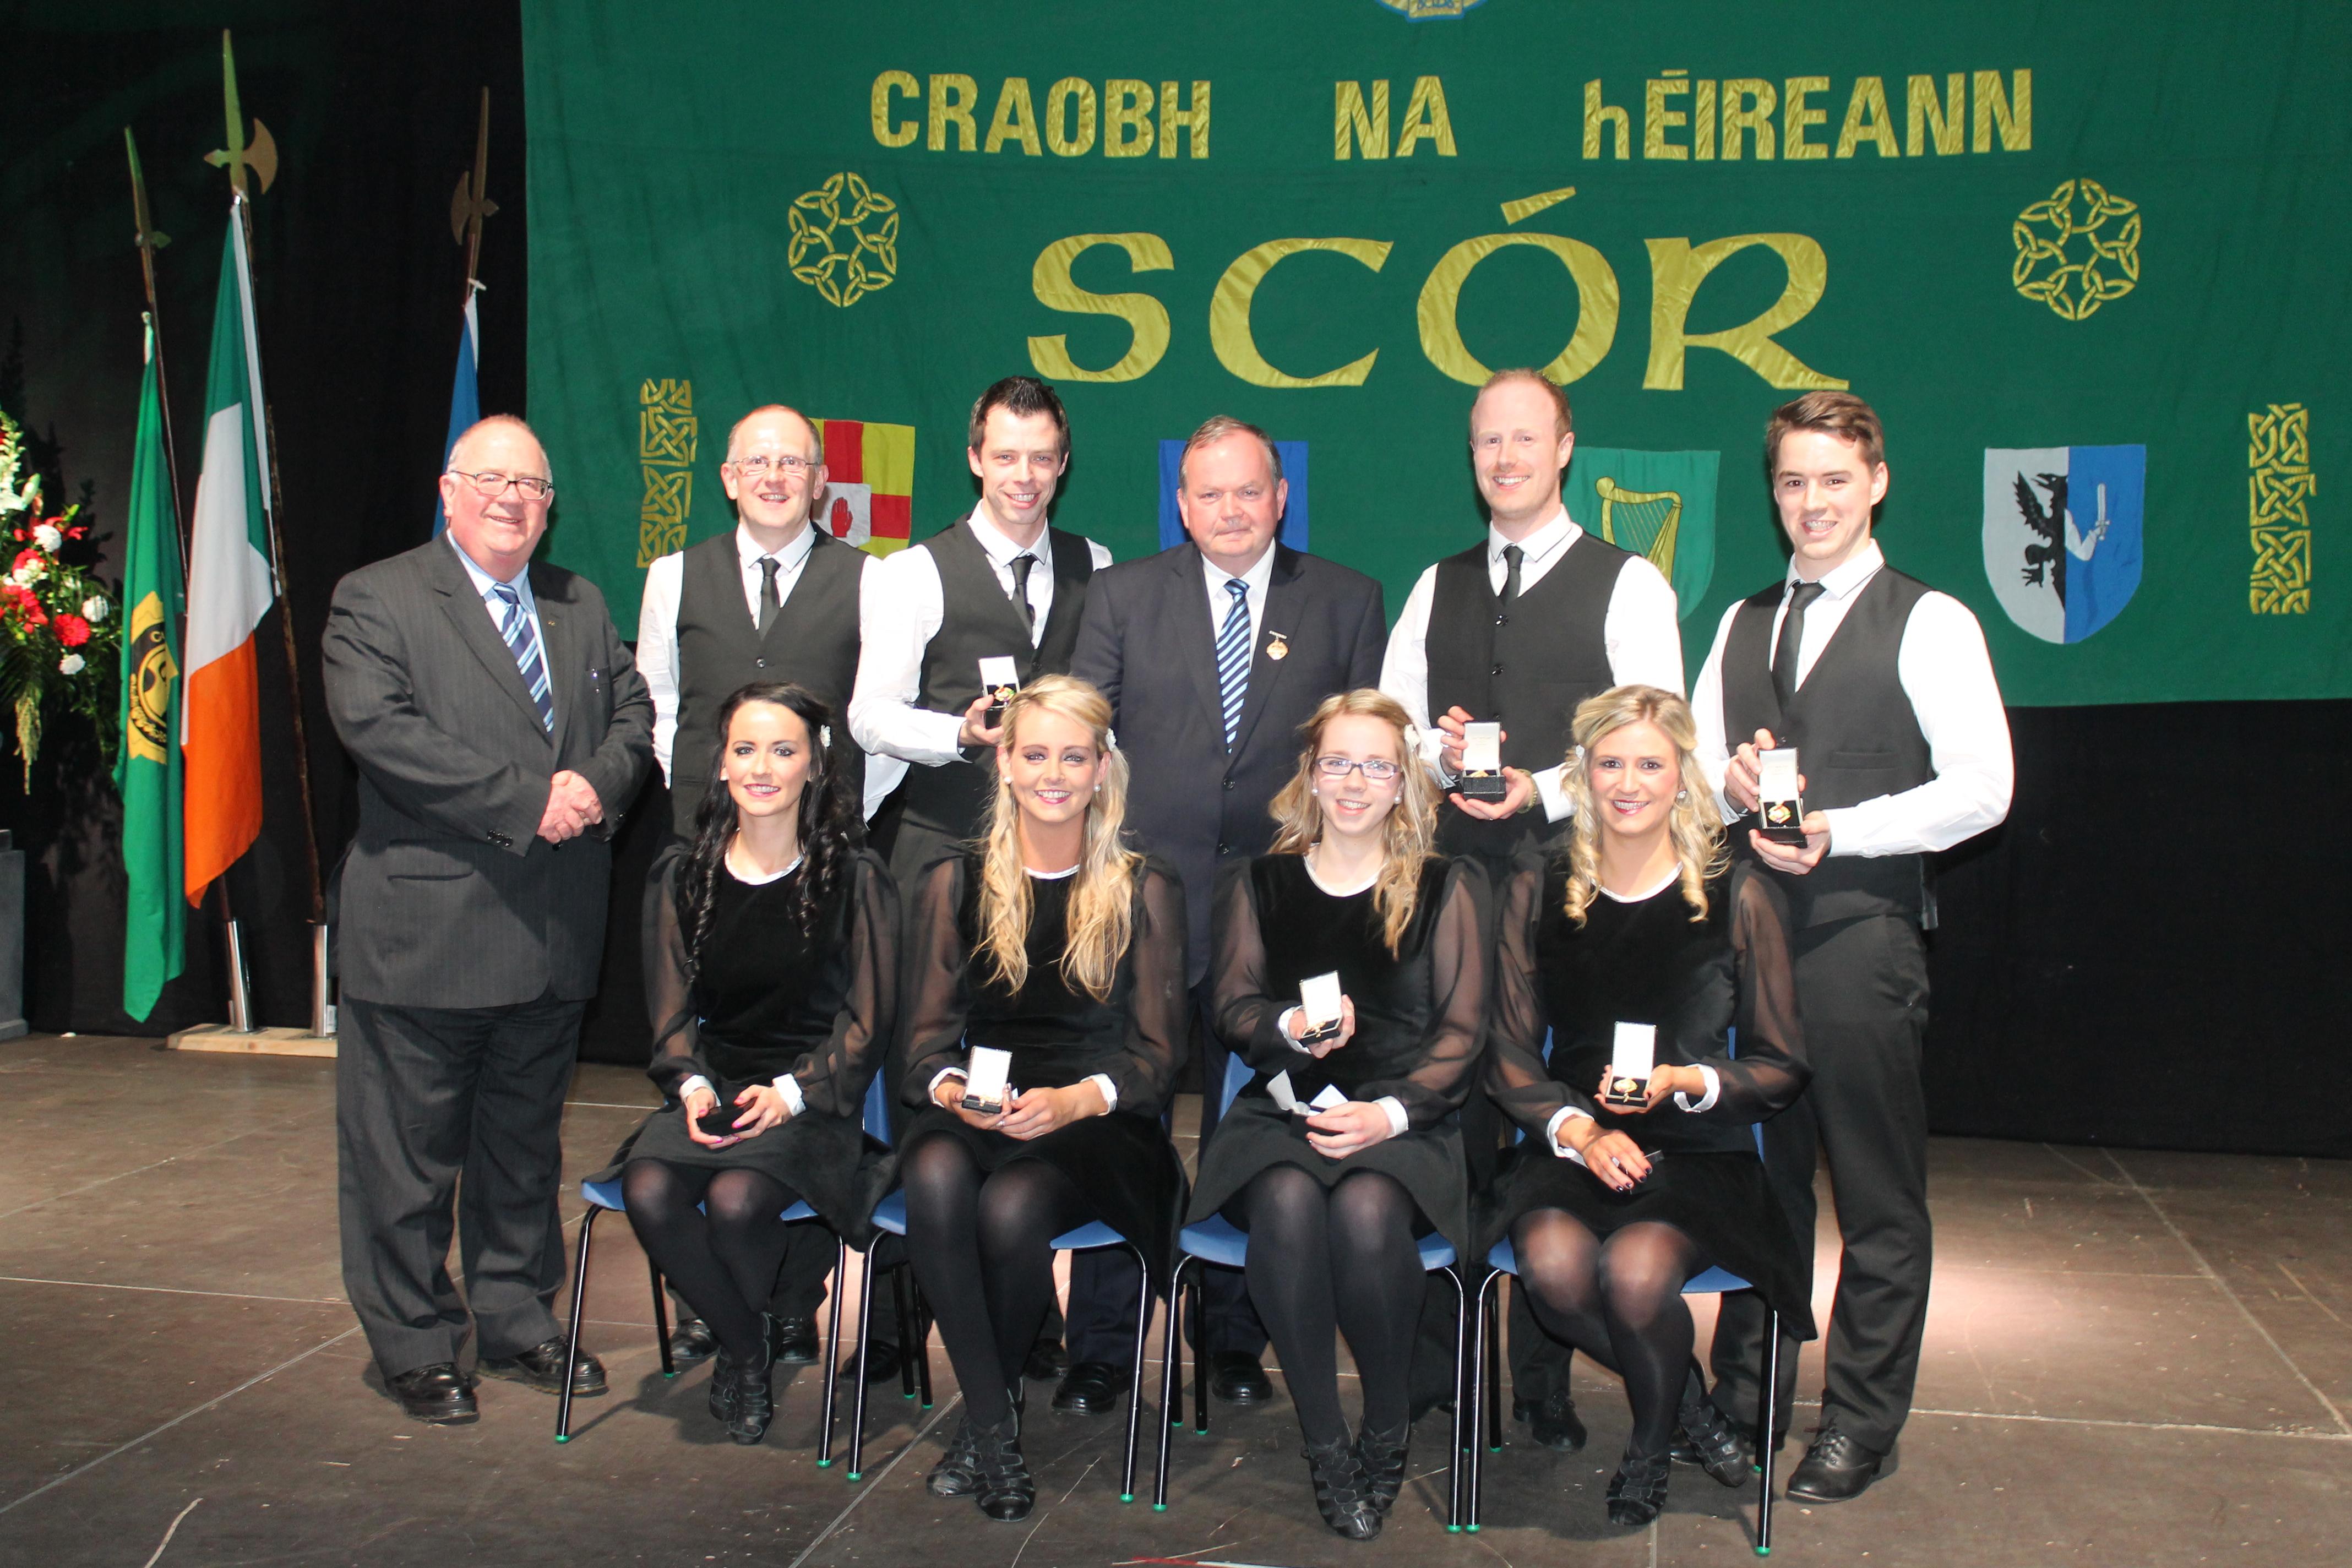 2013 All-Ireland Scór Sinsear Ceili Dance Champions